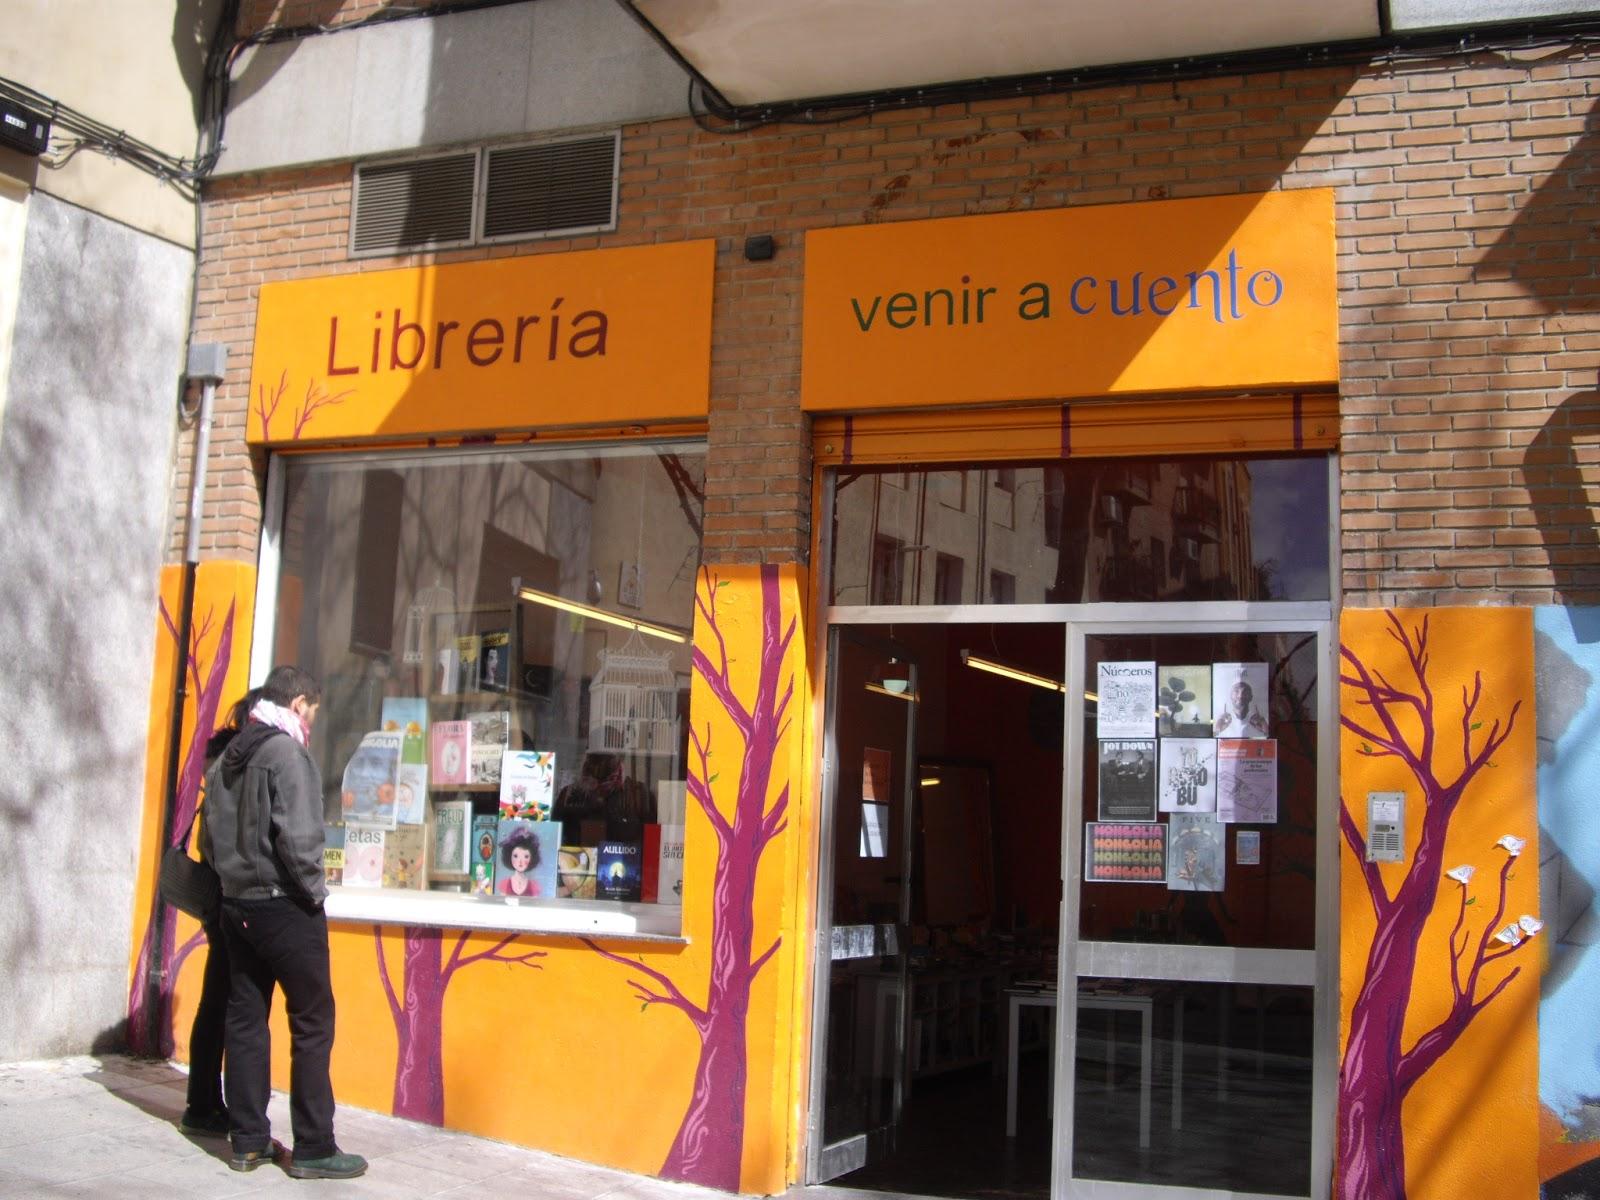 Roc o d az g mez de las librer as y sus nombres - Nombres de librerias famosas ...